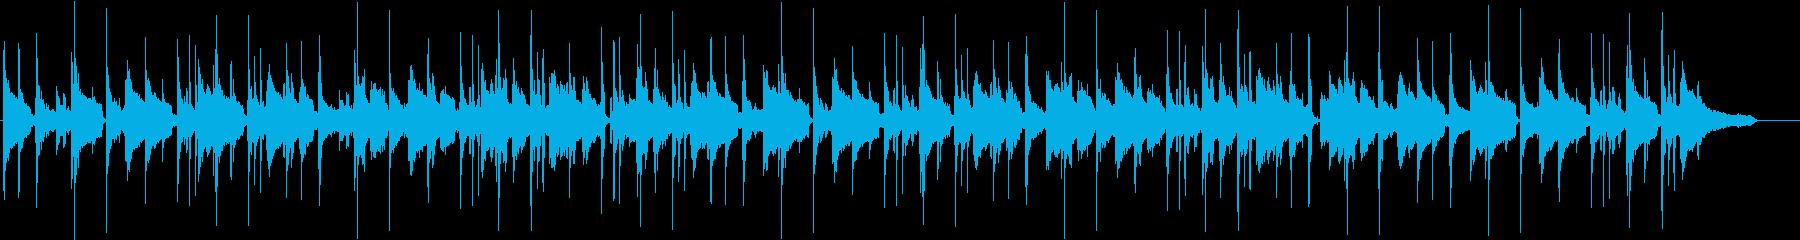 チルアウト ジャズBGM トーク動画にの再生済みの波形